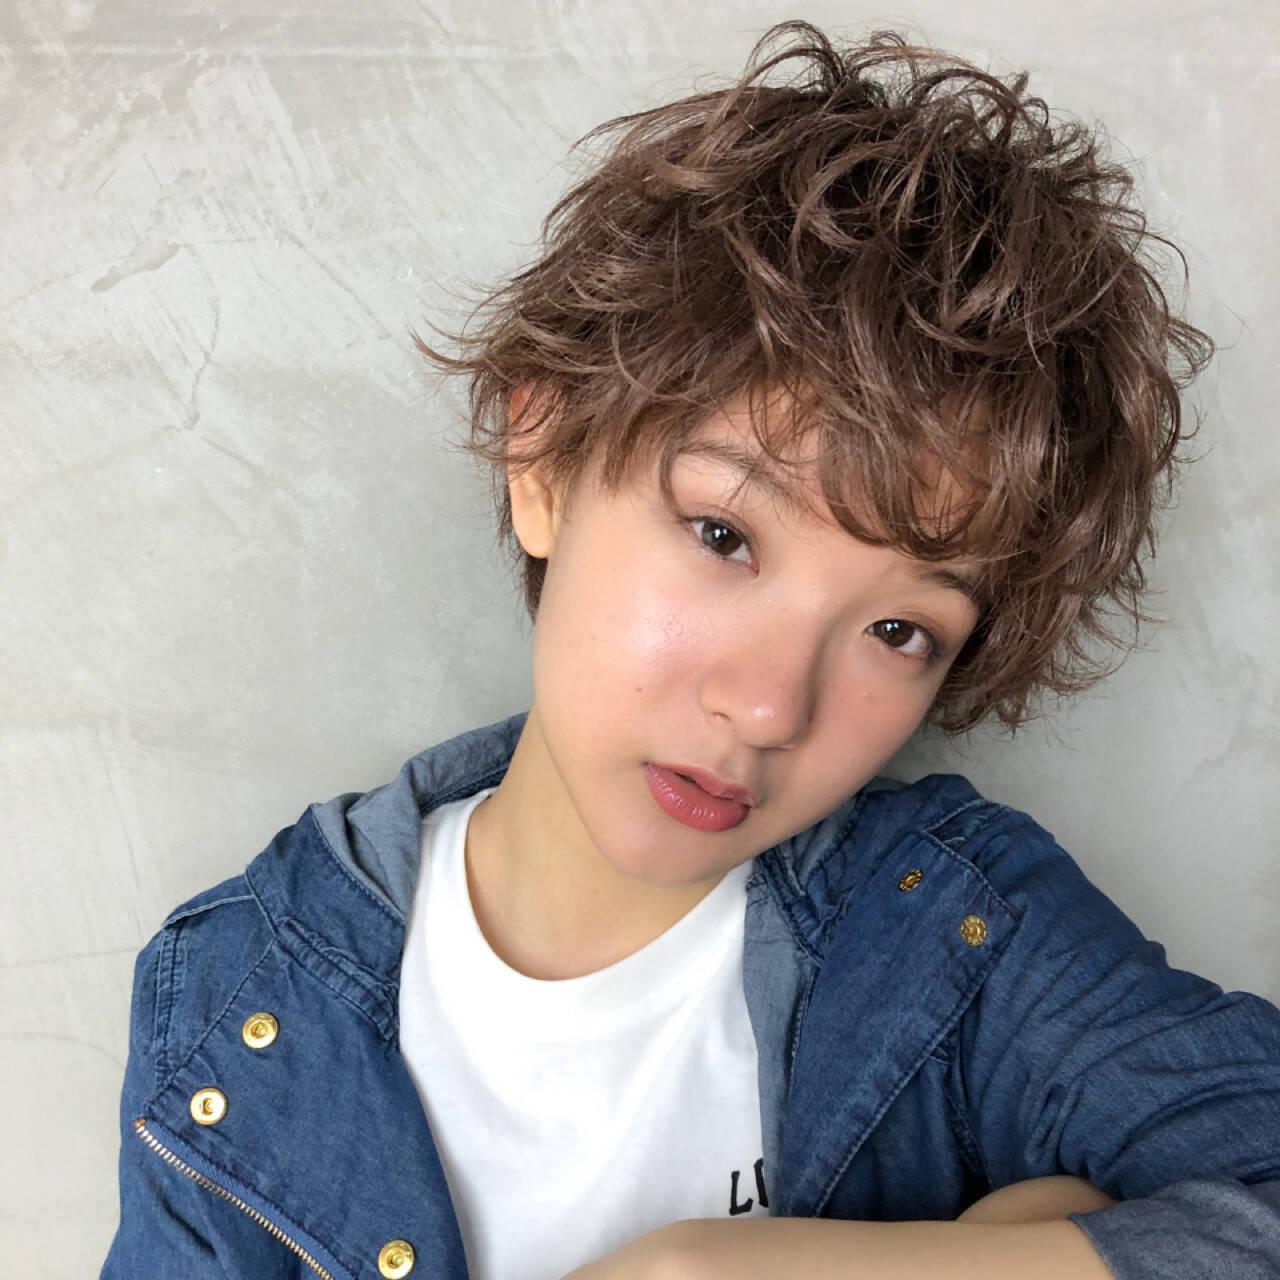 パーマ ヘアアレンジ ガーリー アンニュイヘアスタイルや髪型の写真・画像